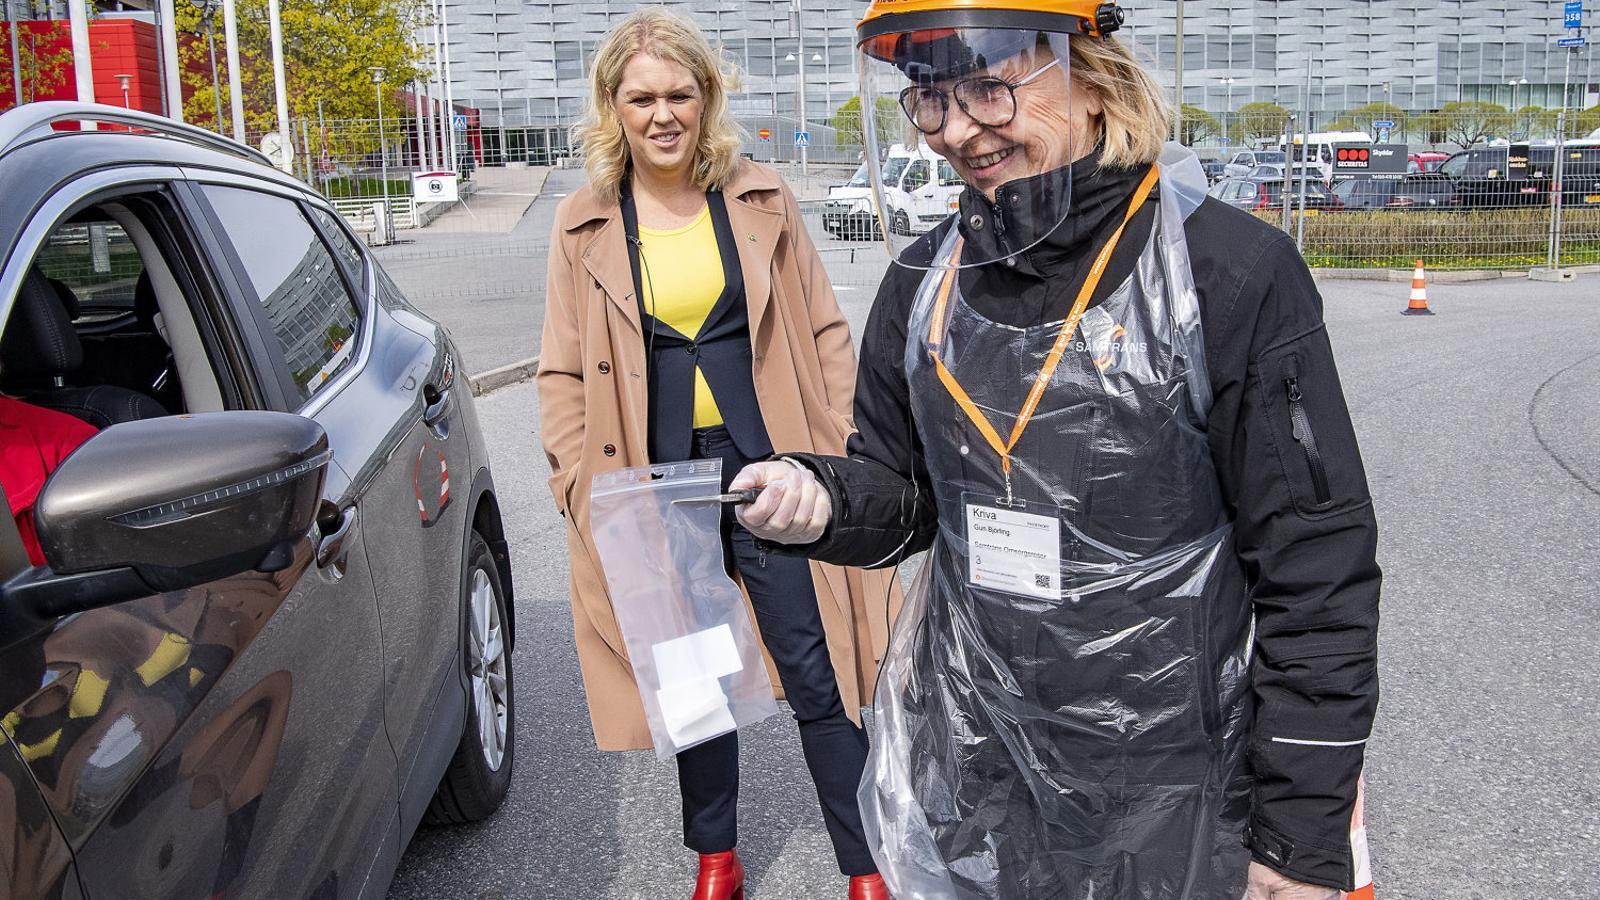 Suècia aposta perquè la gent es faci el test  ella mateixa a casa per controlar la pandèmia